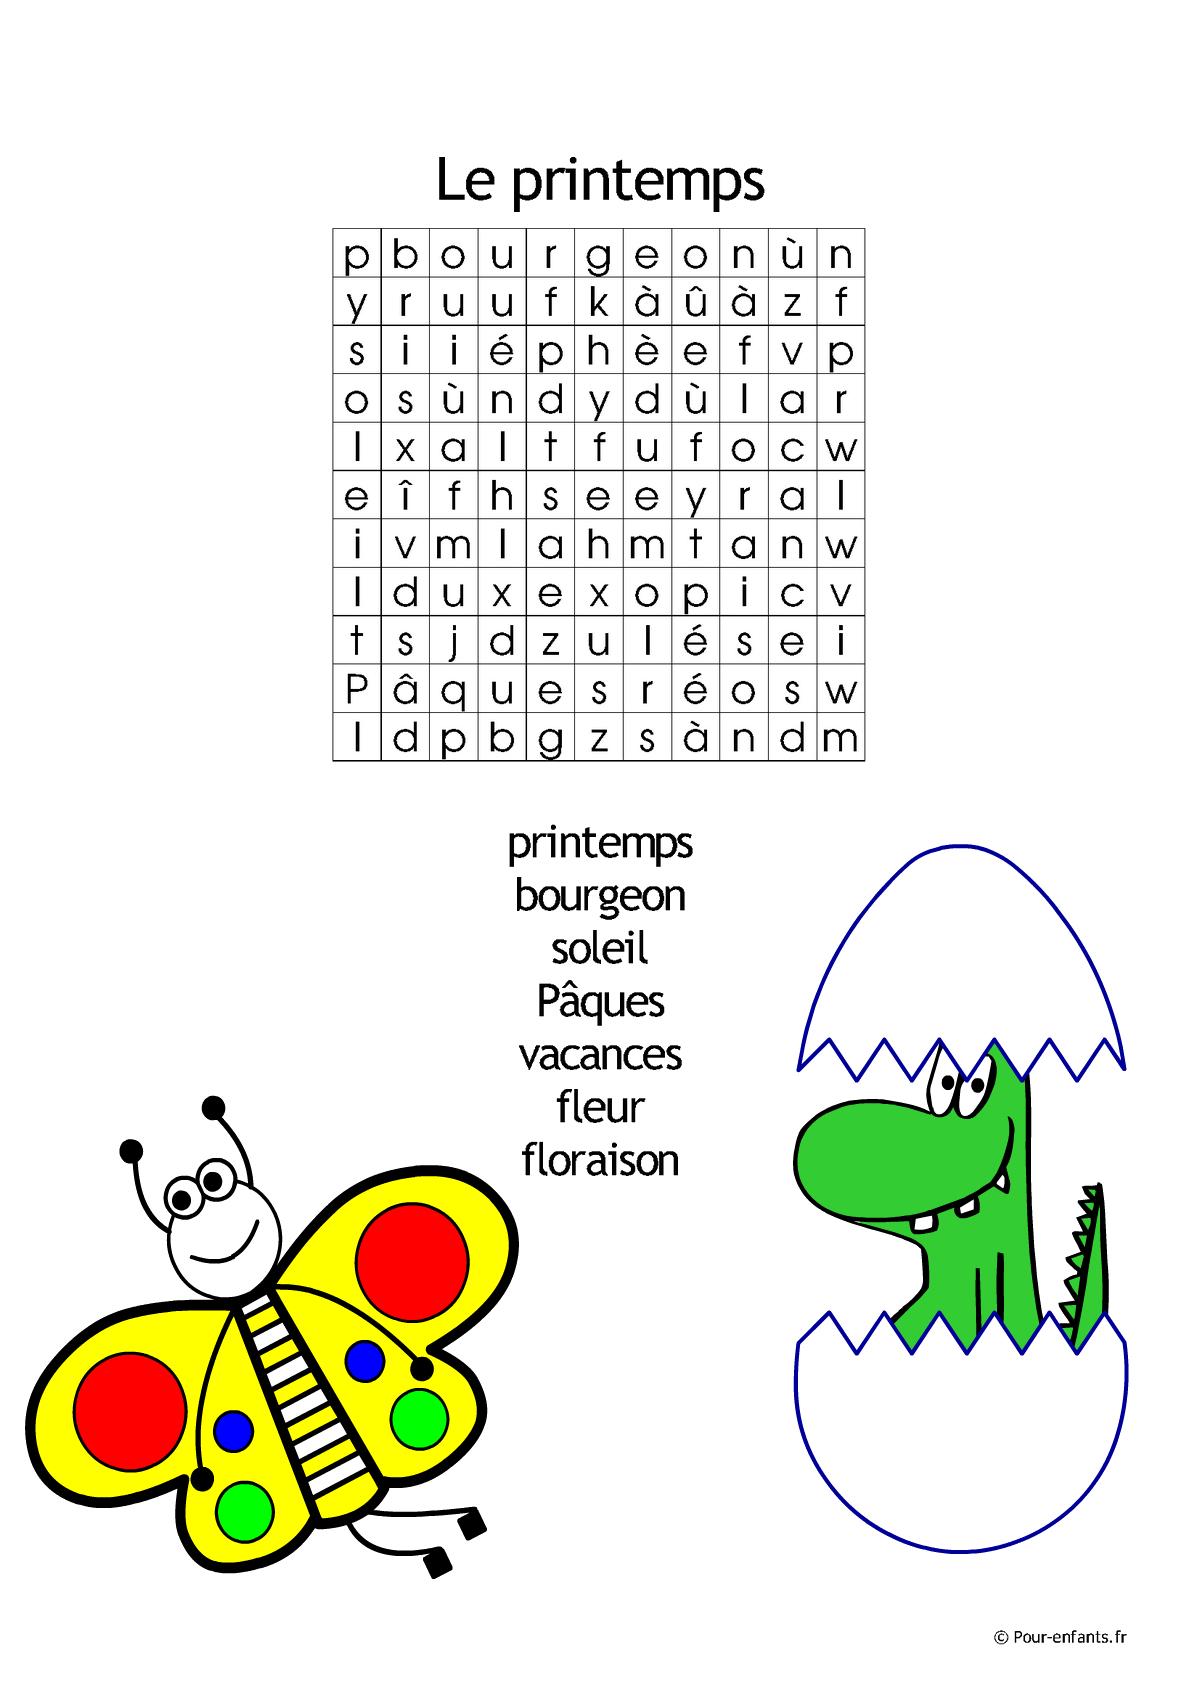 Mots Croisés Ce1 À Imprimer - Primanyc avec Mots Croisés Faciles À Imprimer Gratuitement